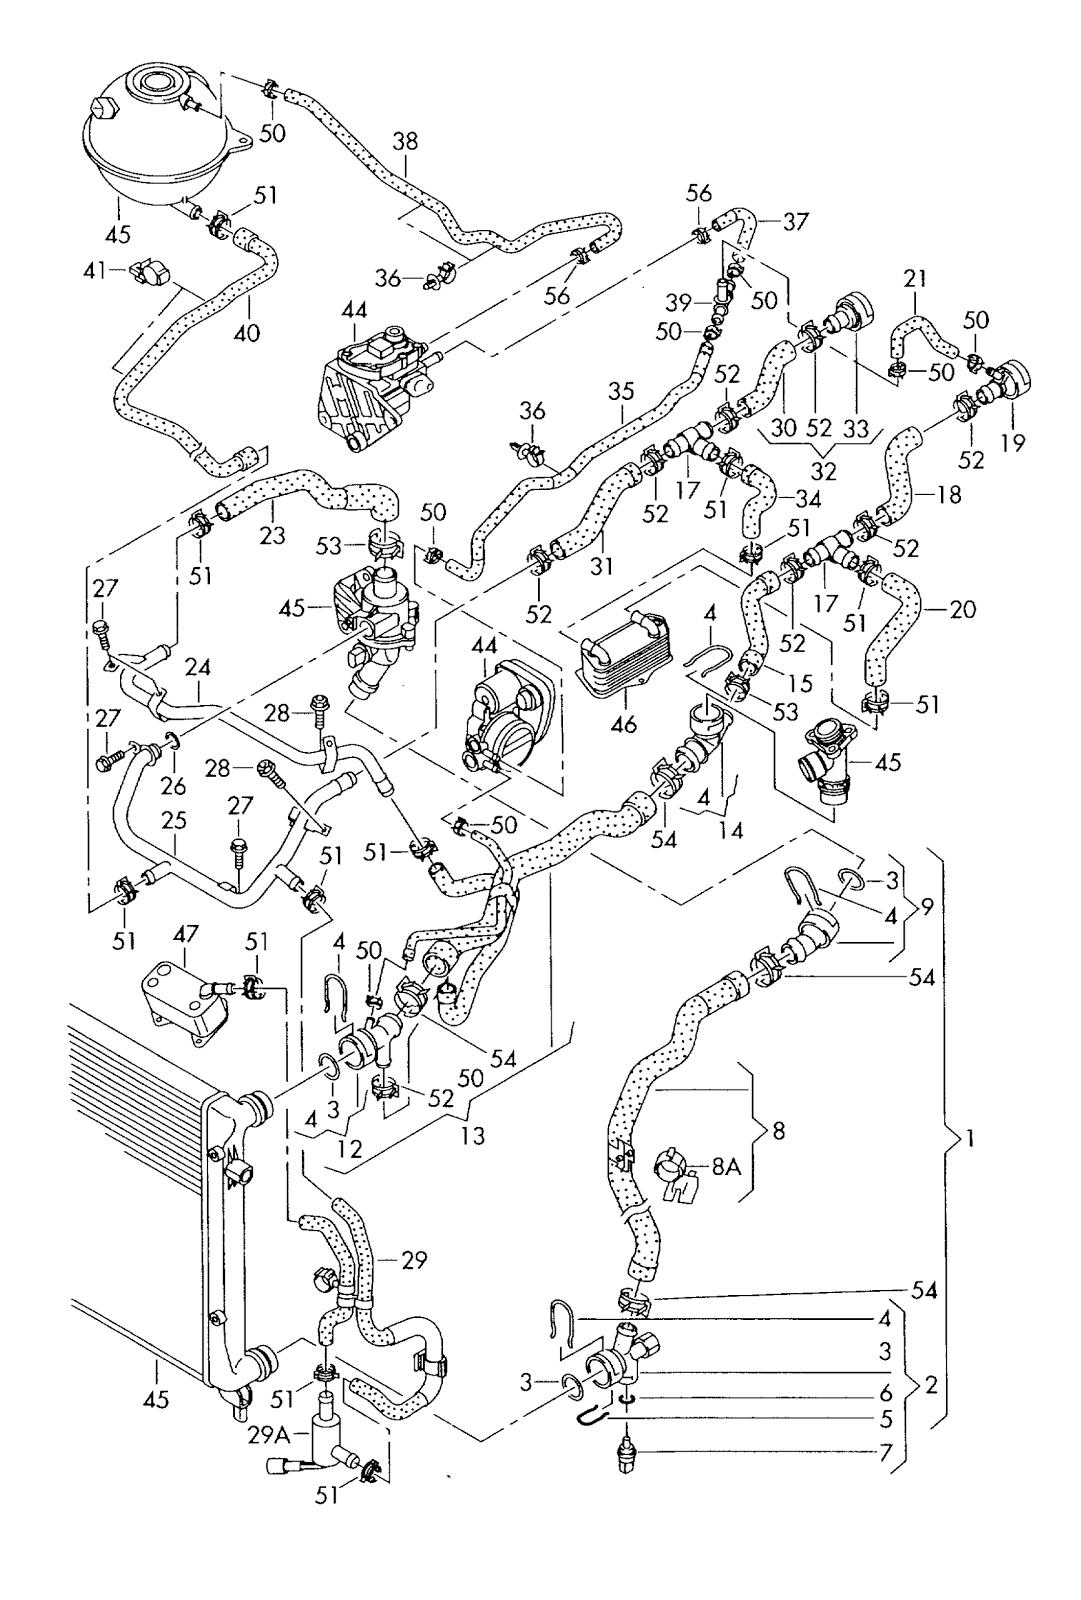 Vw Golf 5 Coolant Cooling System 2 0 Ltrw Blx Bly Blr